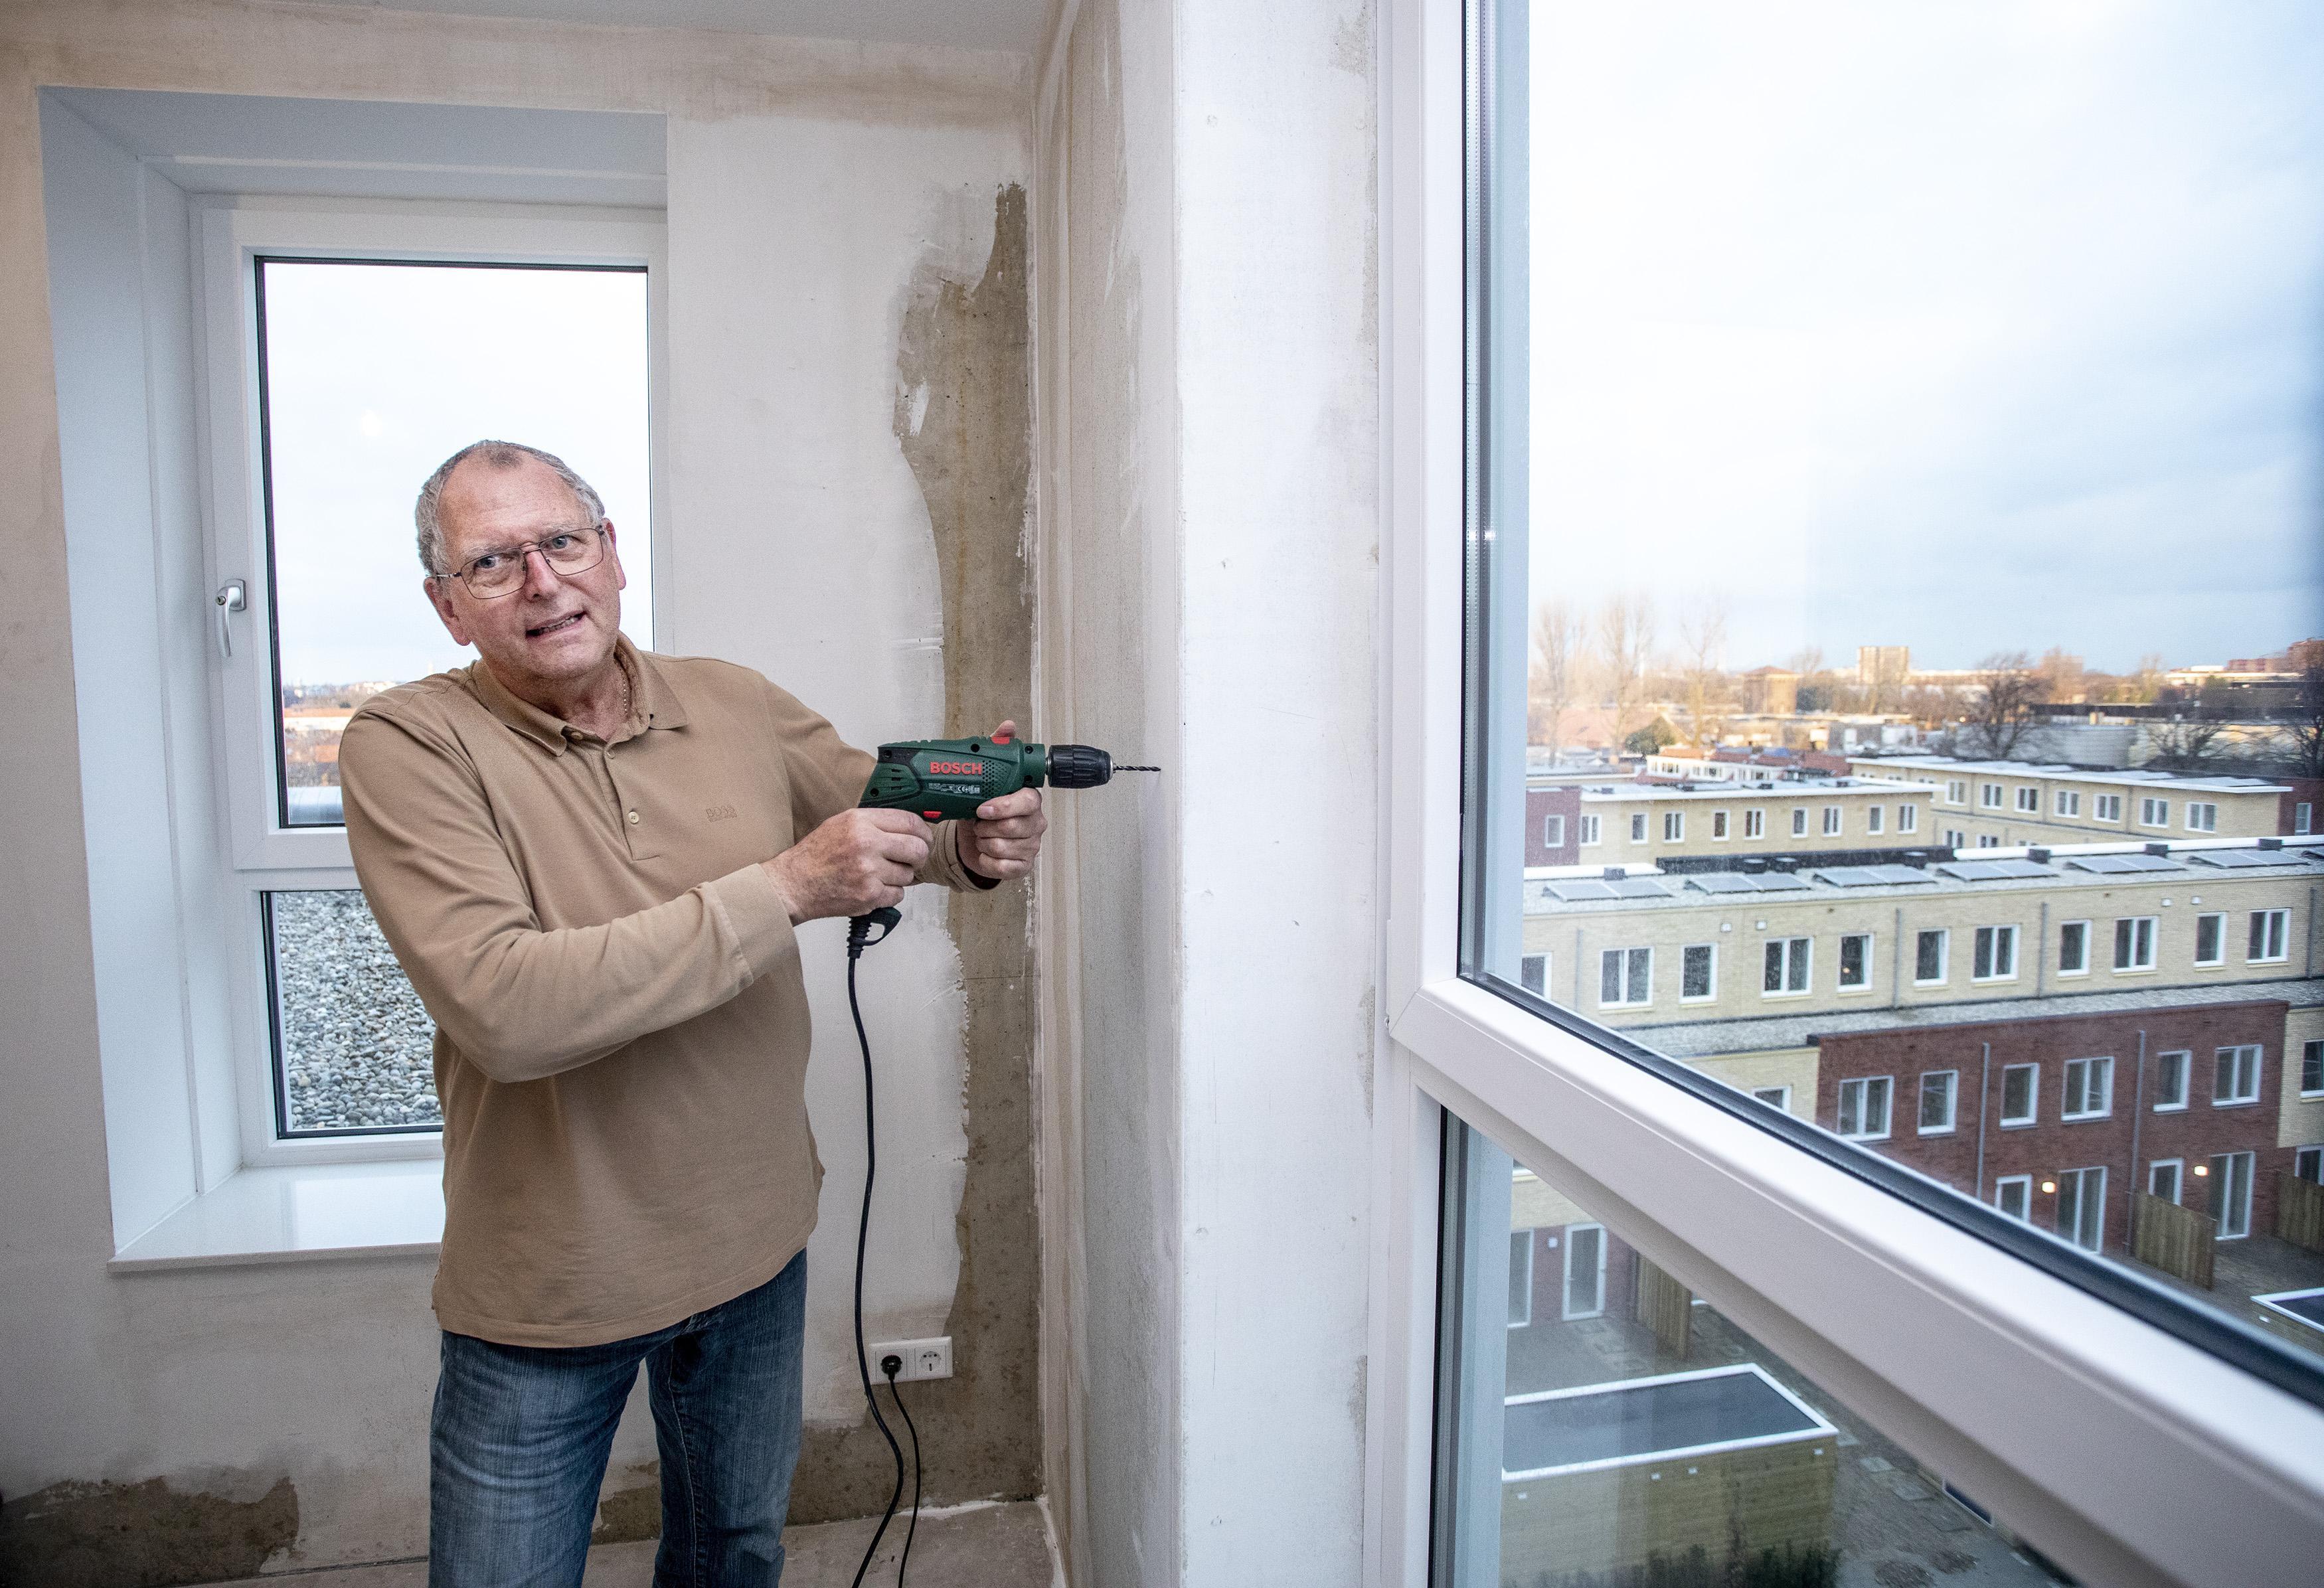 Nieuw woongebouw Hof van Leijh in Haarlem-Oost is klaar: 'Het moet hier echt een mini-samenleving worden'